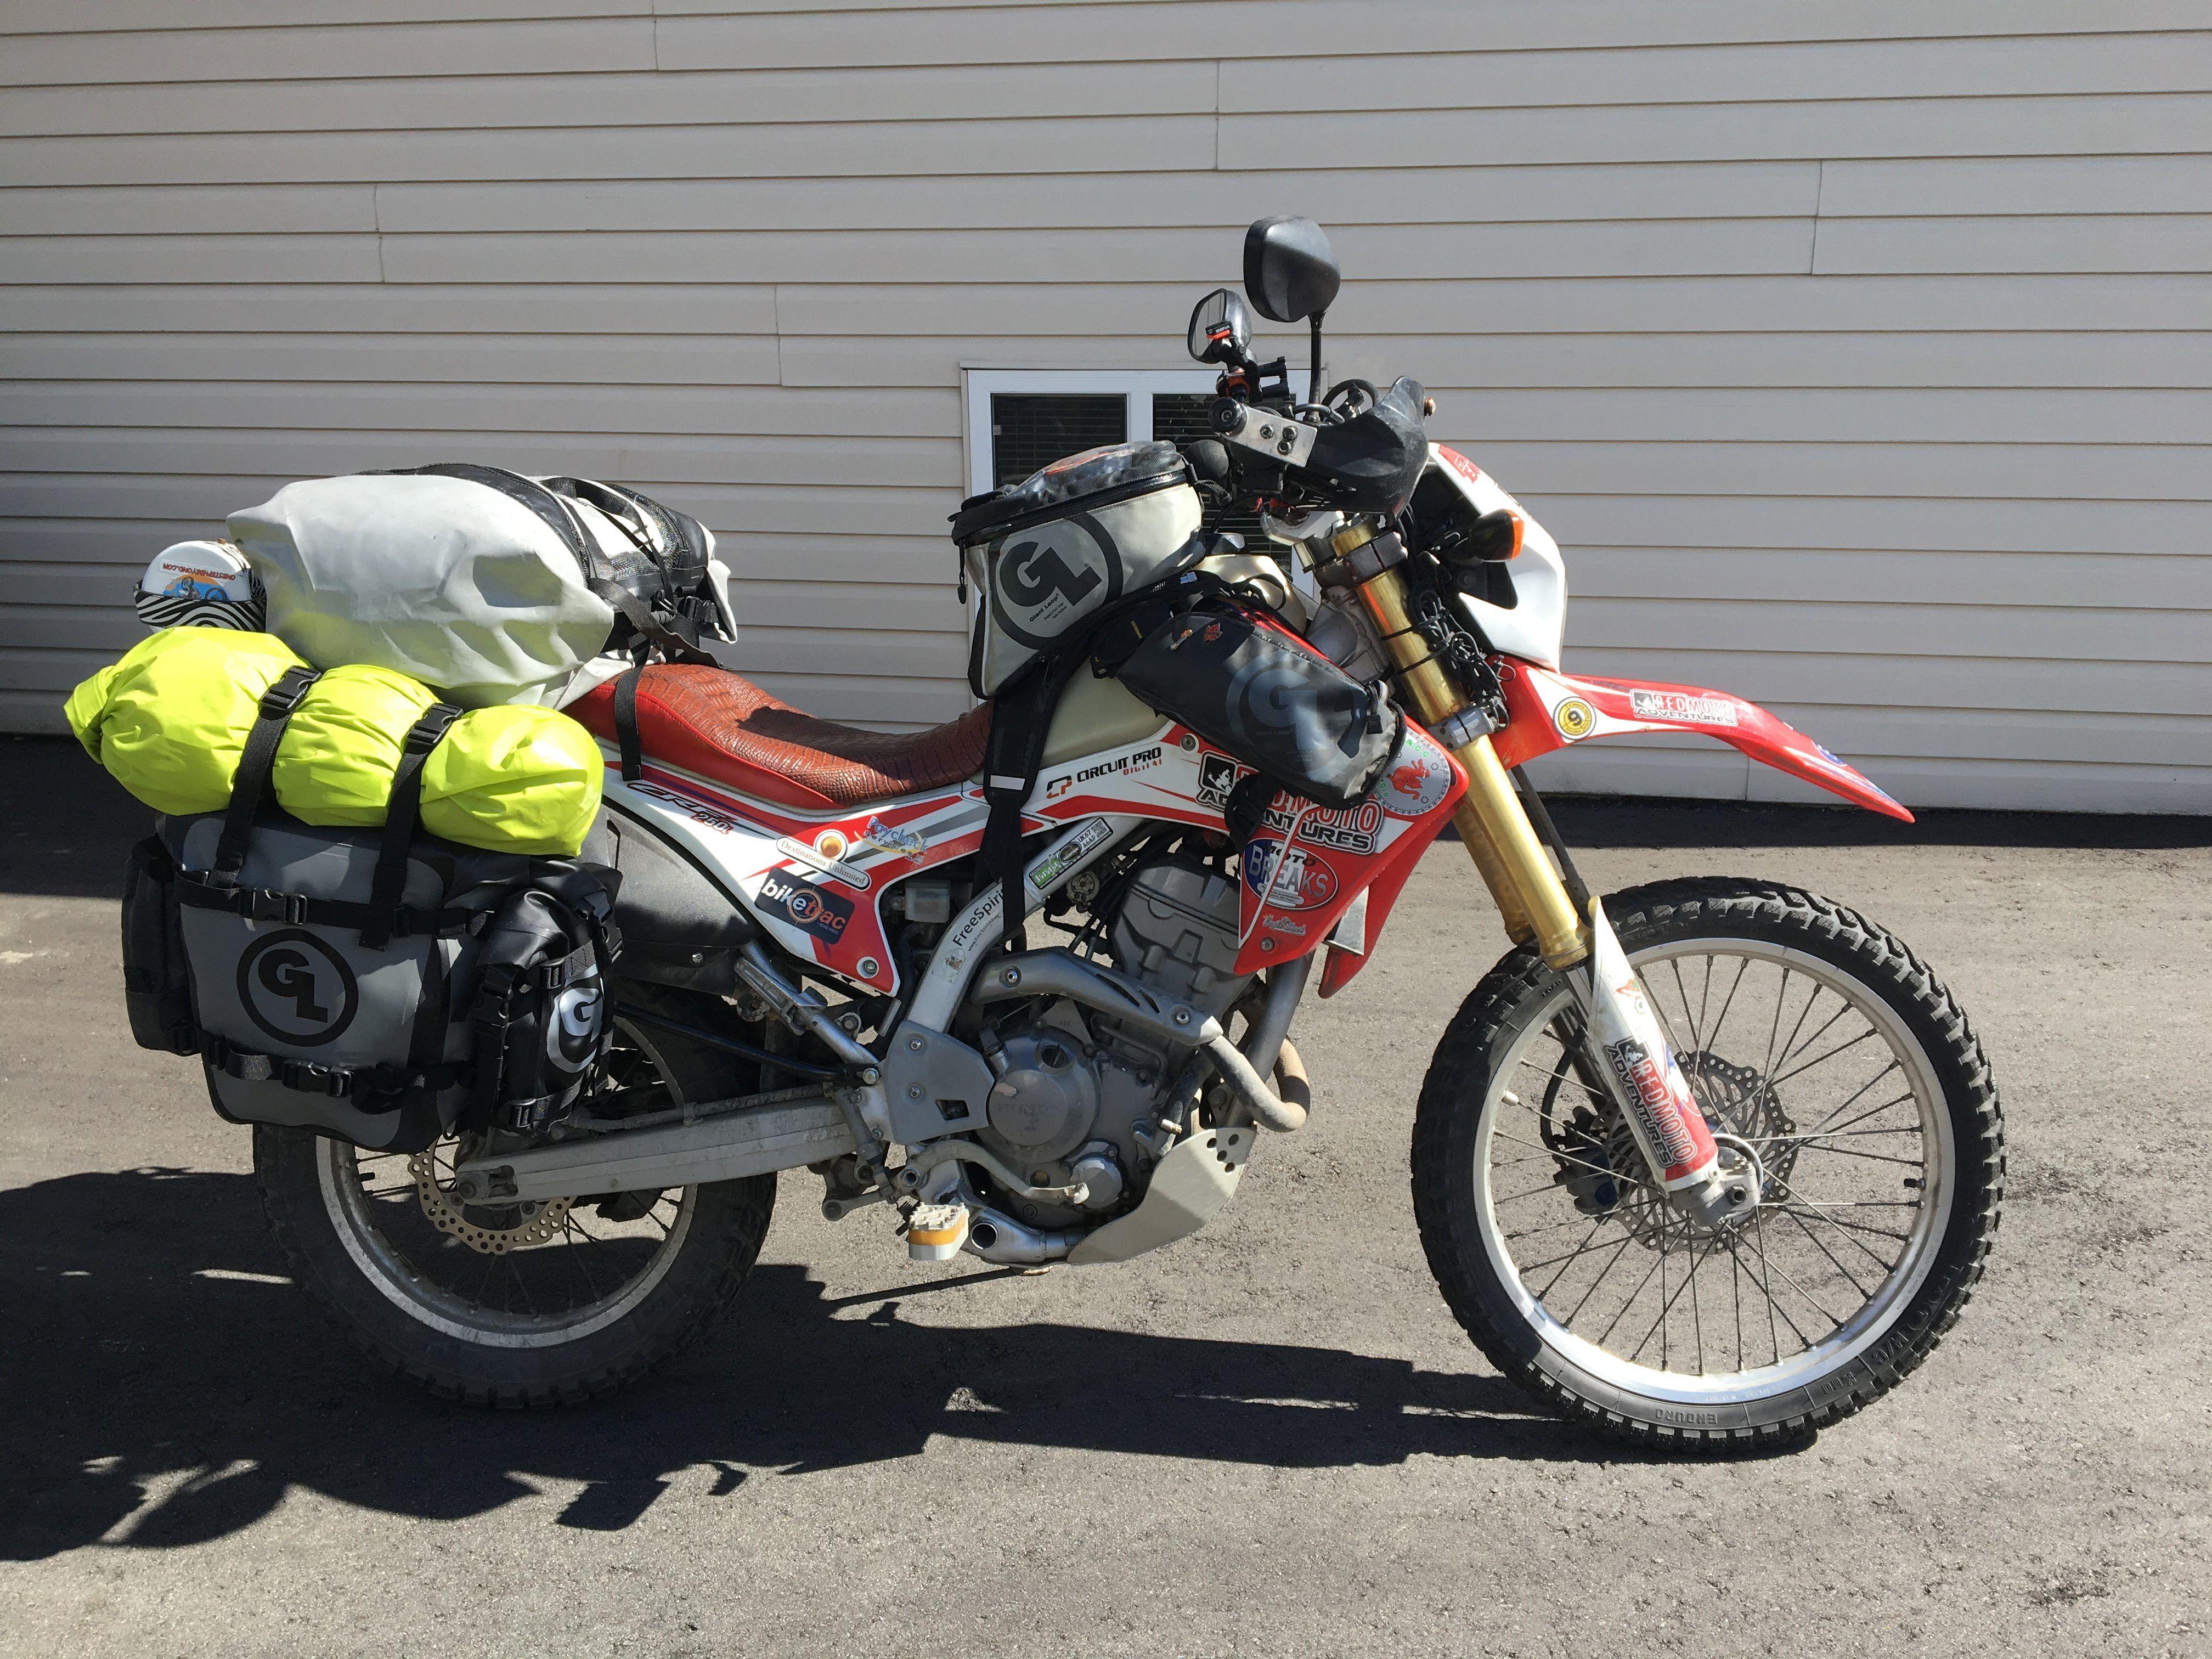 Honda CB 500 with Mototrekk Panniers